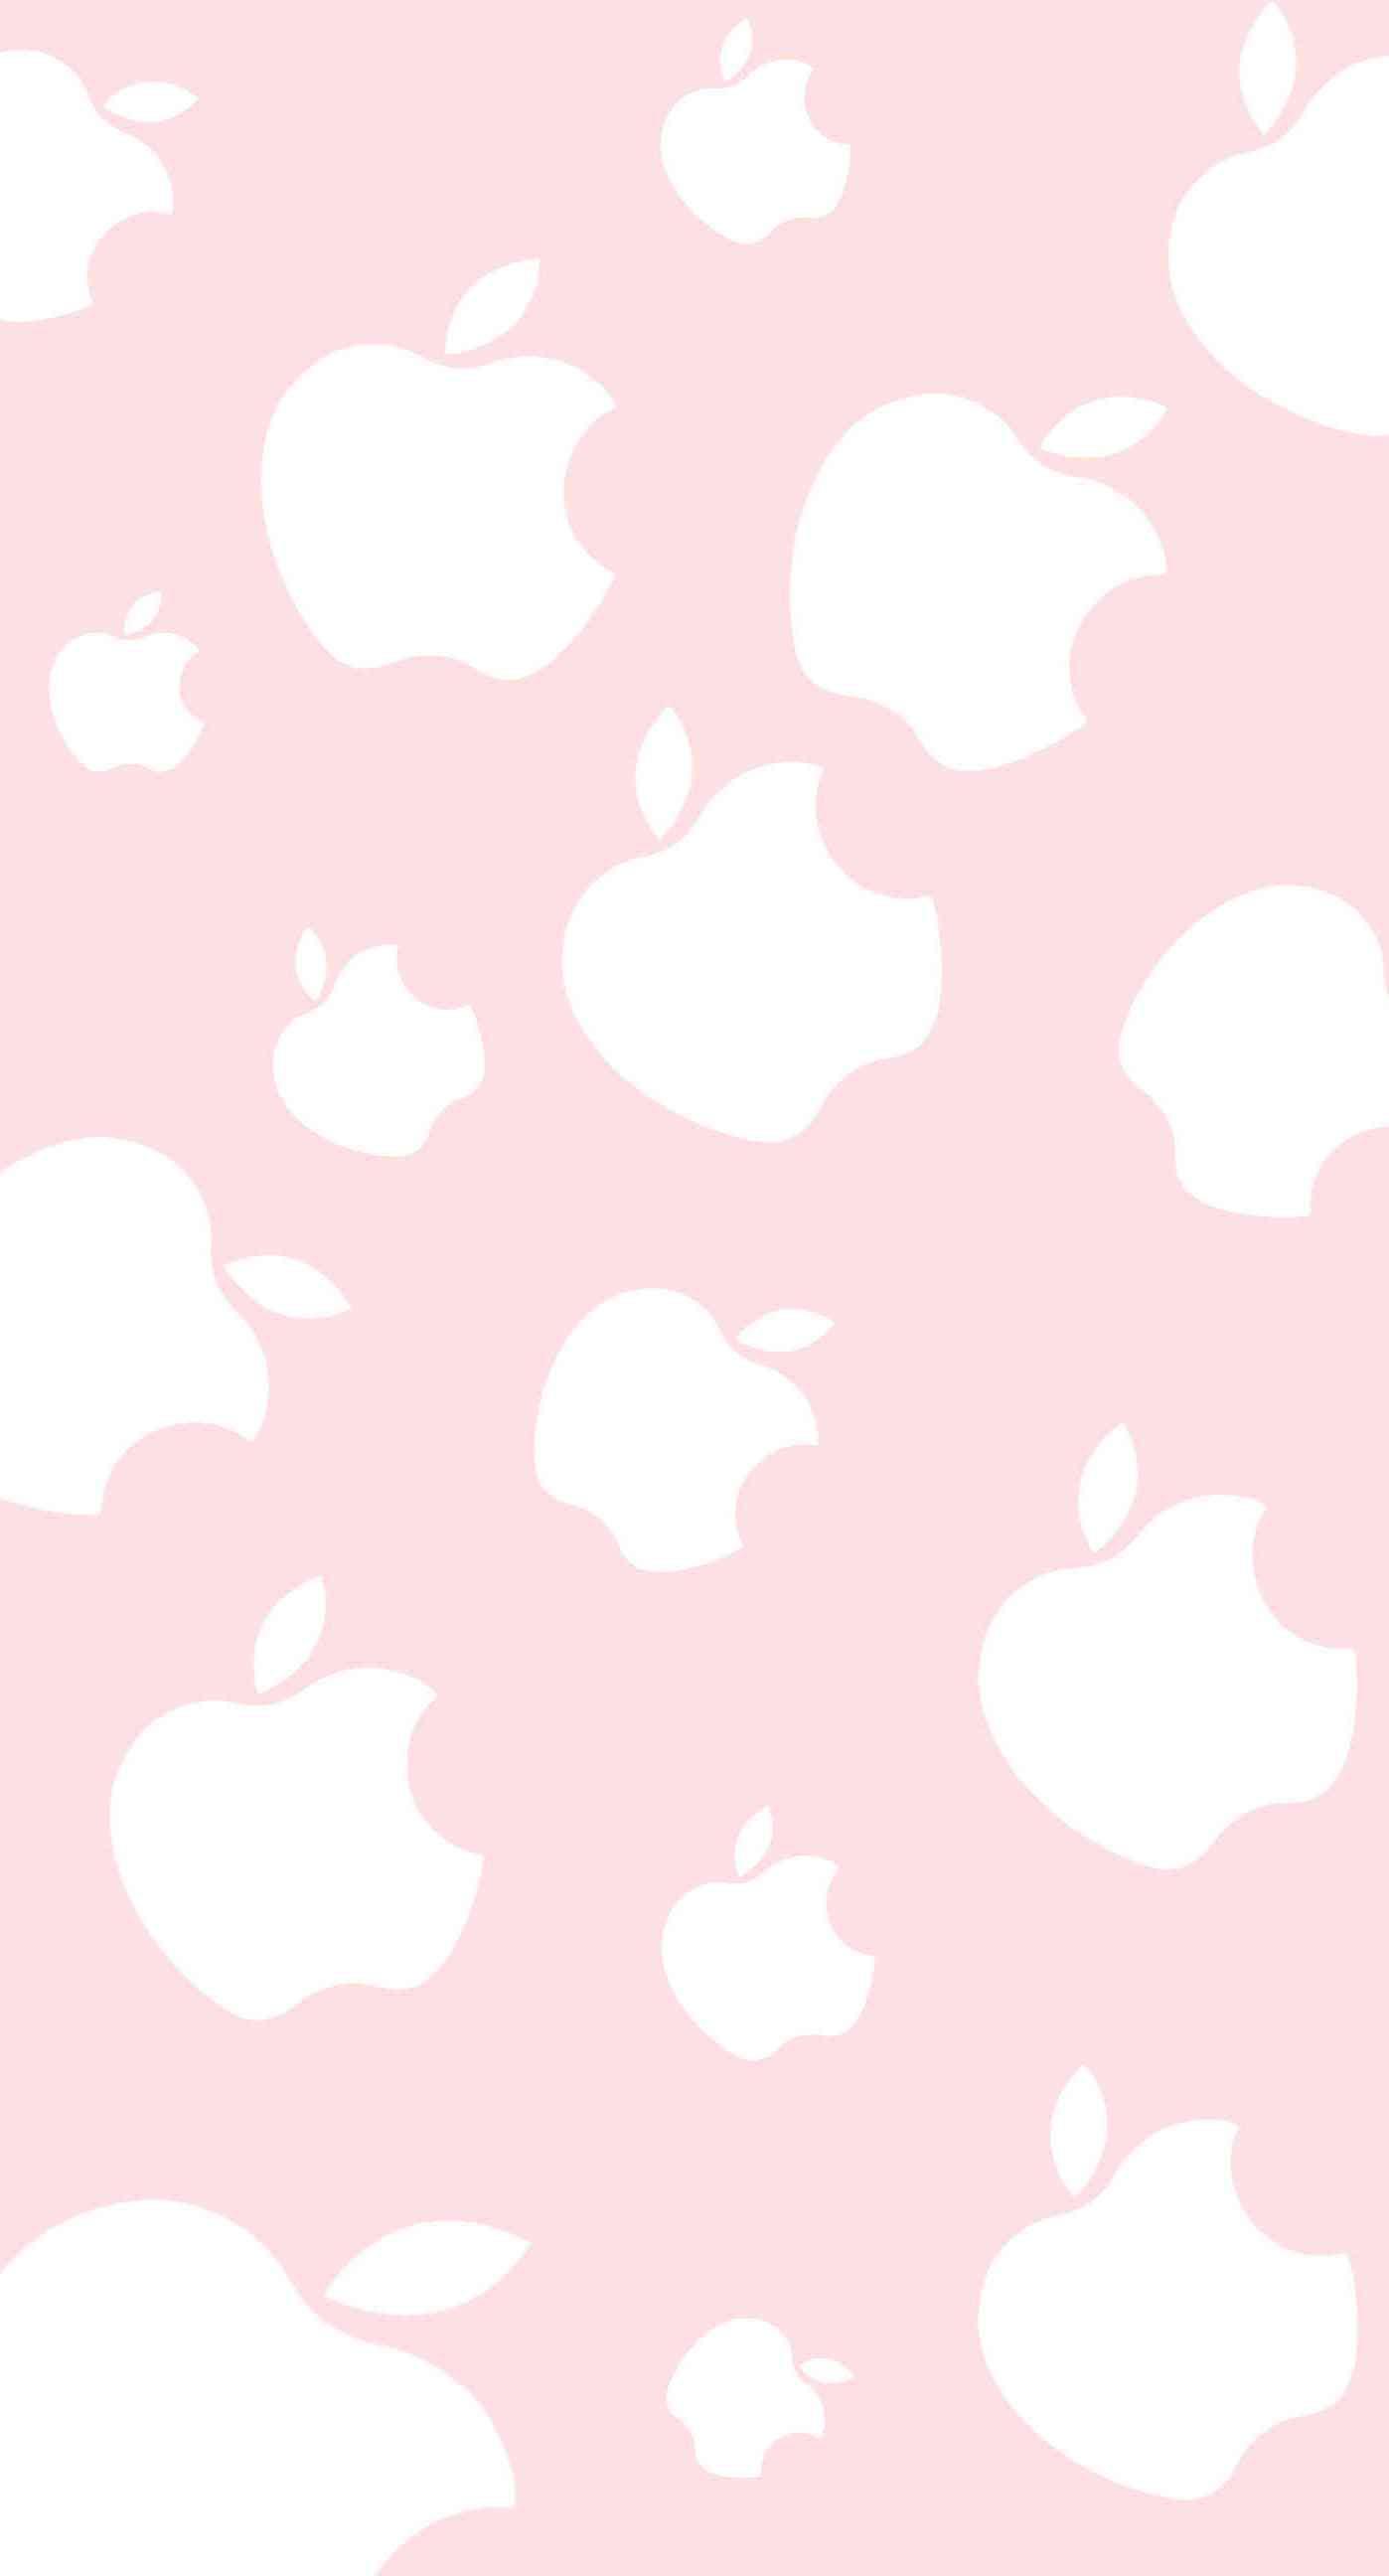 Download 91 Wallpaper Iphone Yang Lucu HD Terbaru